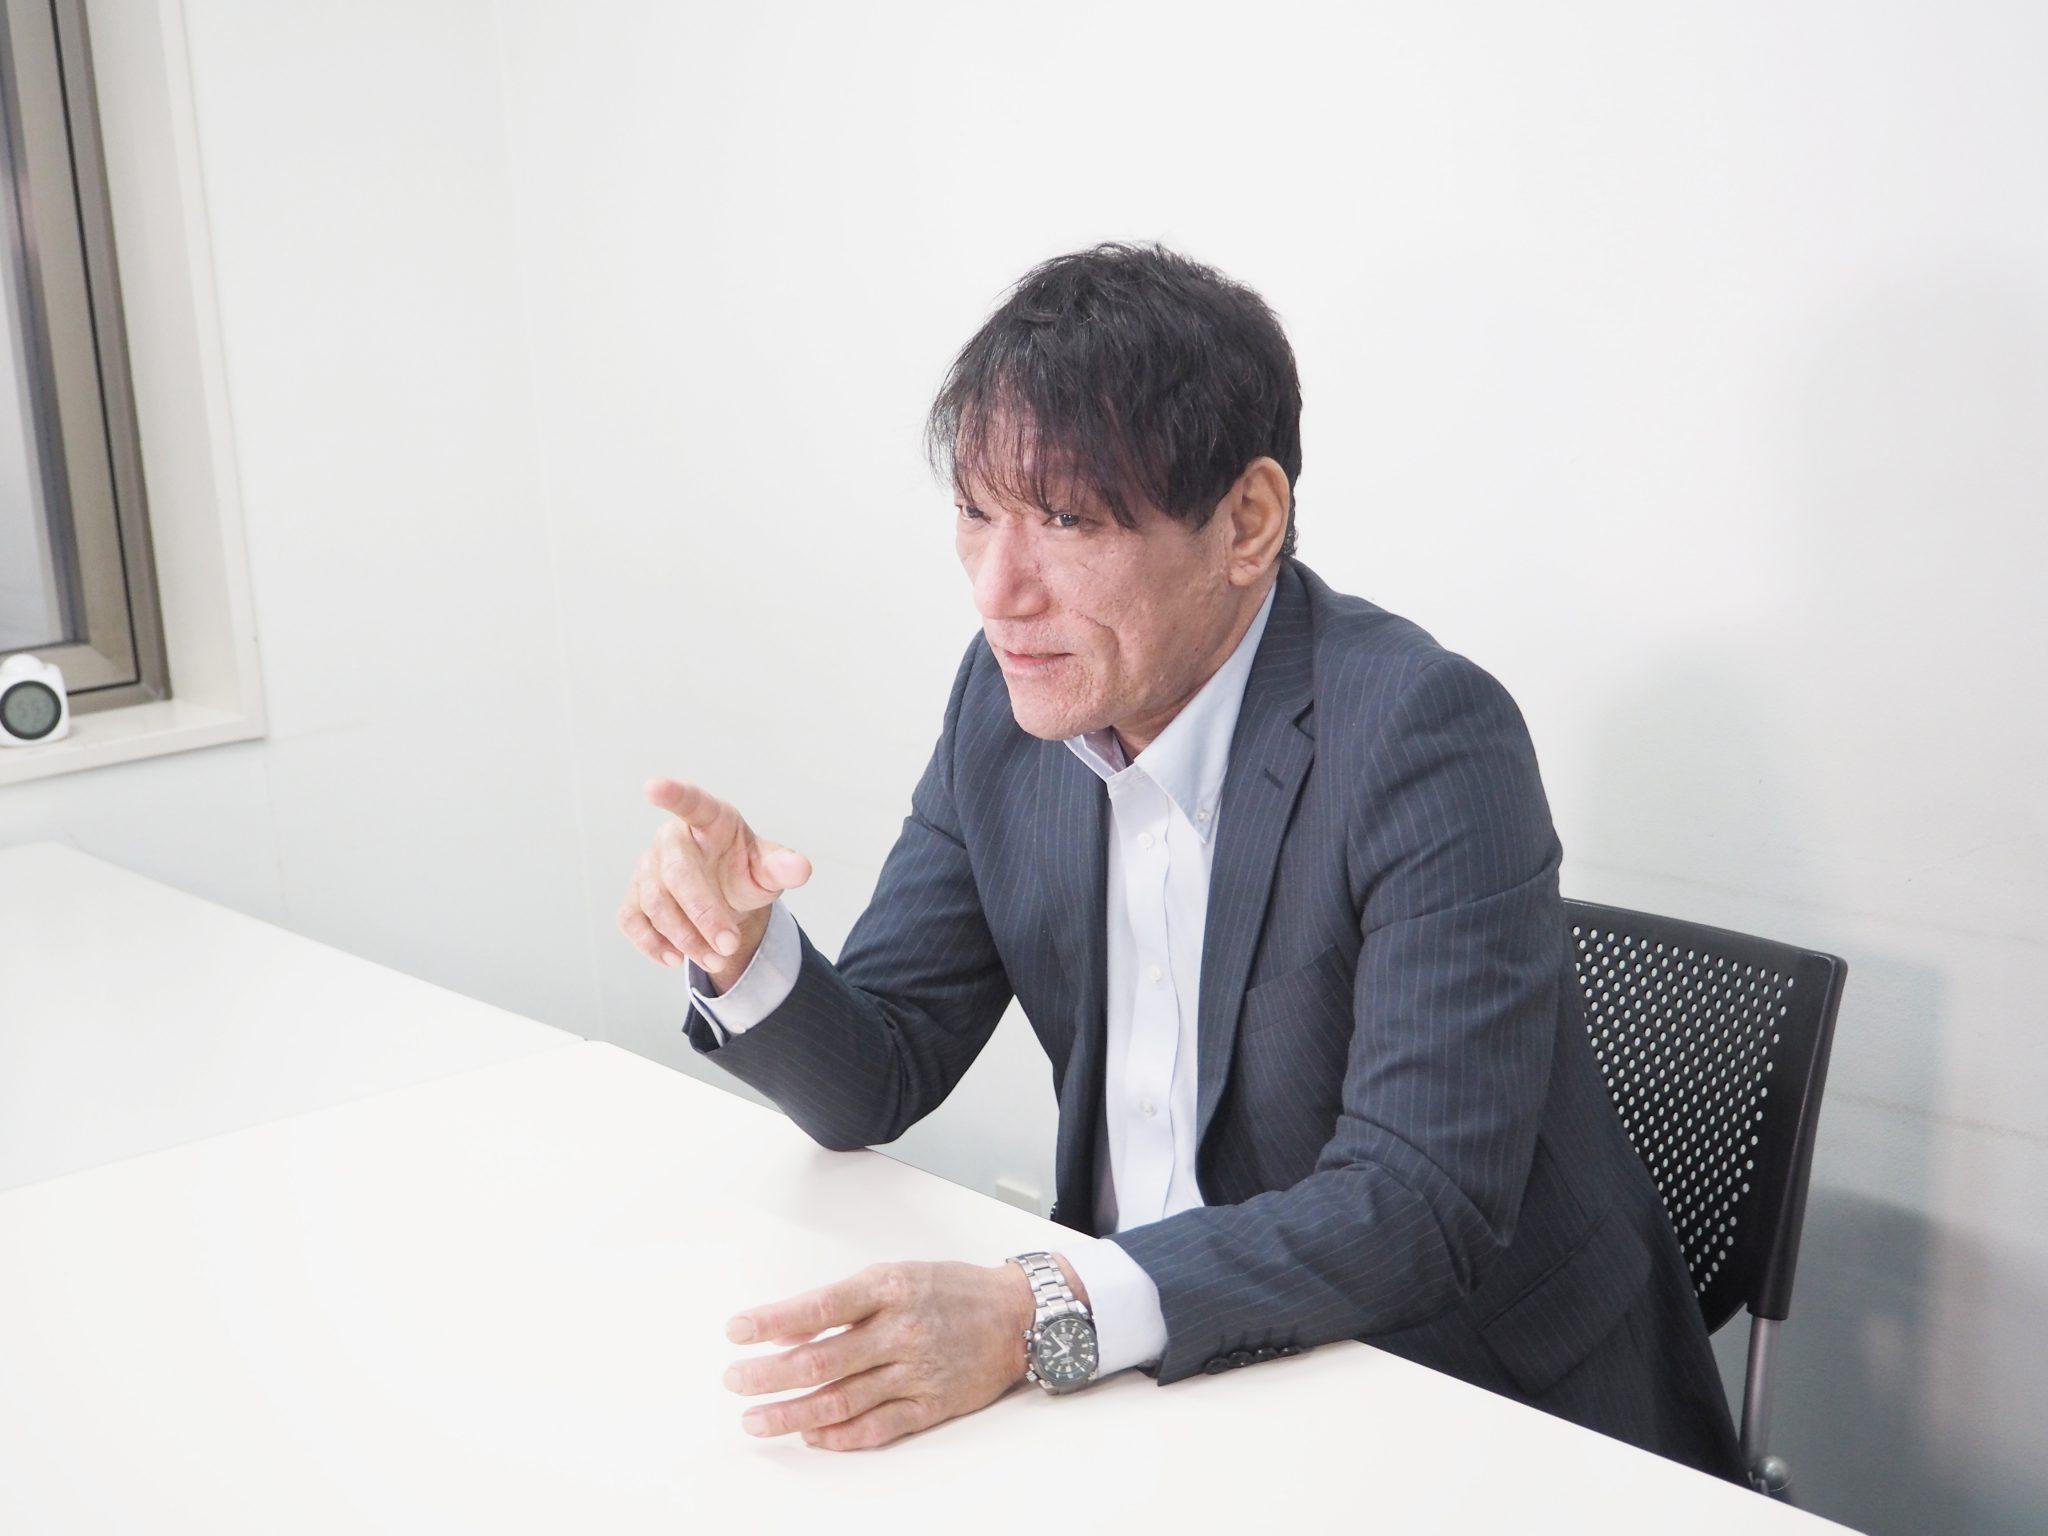 溝畑 尚一さんのシーカーズインタビュー風景